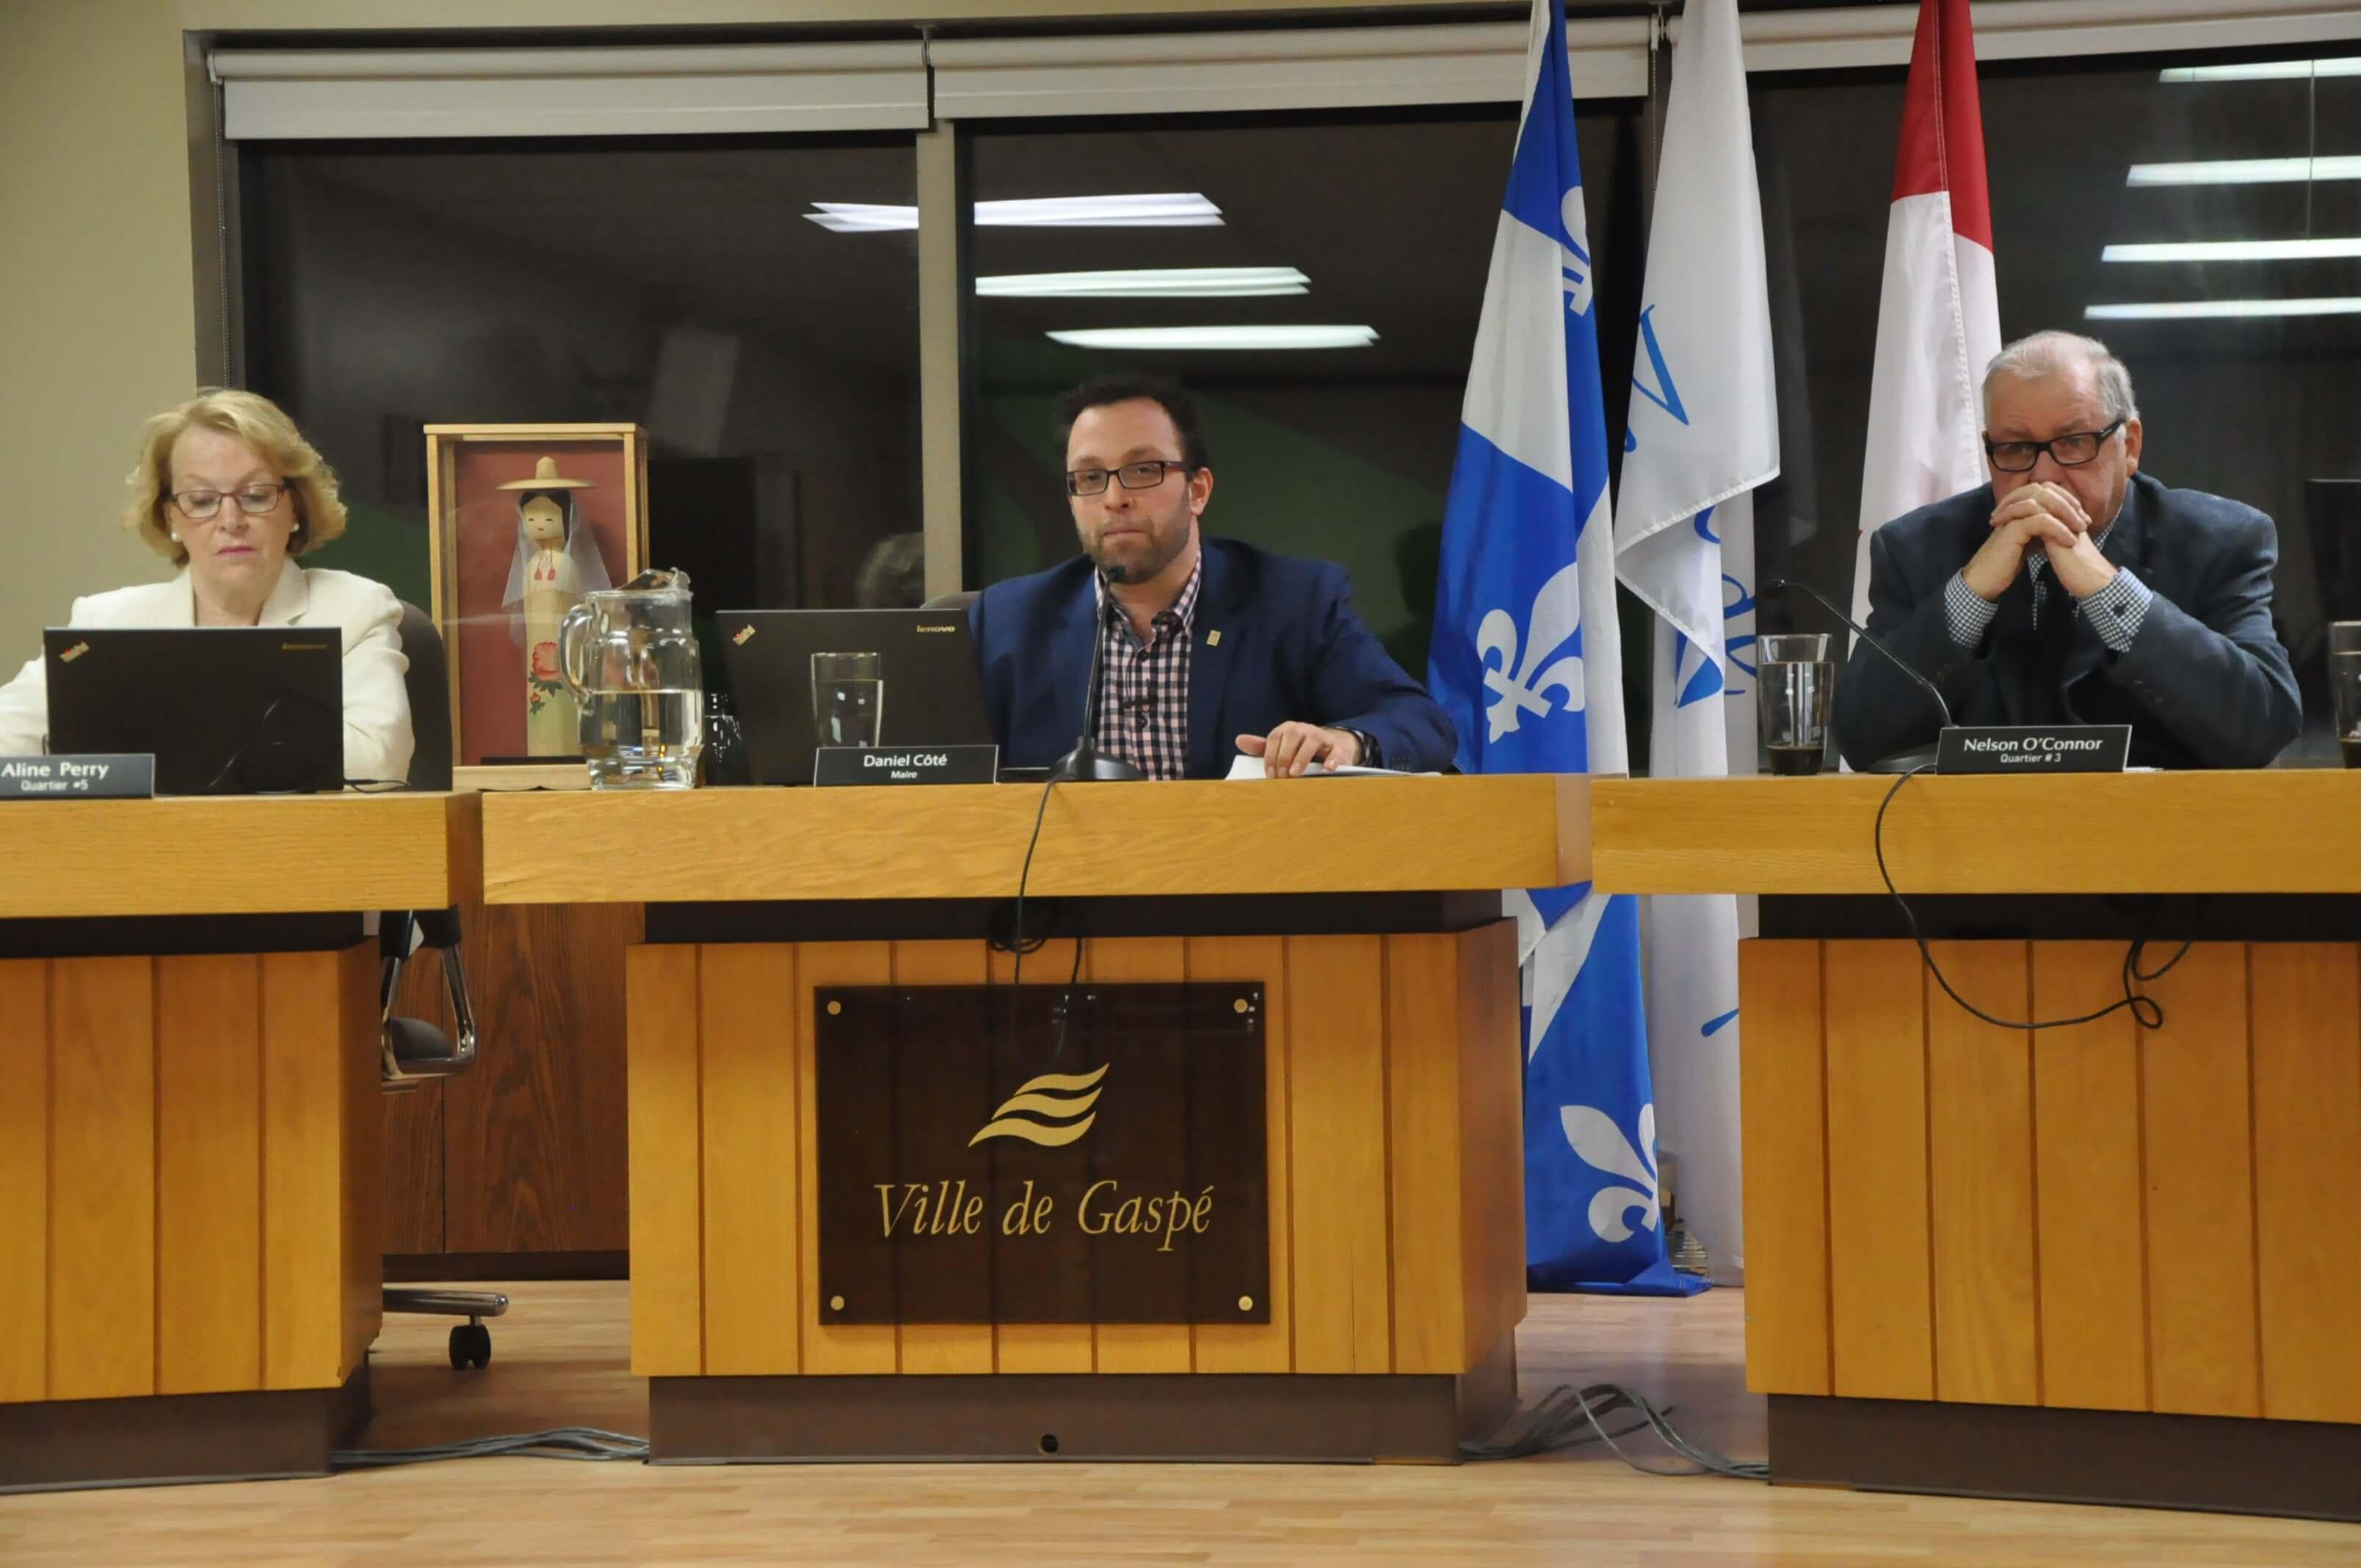 Conseil municipal Gaspé